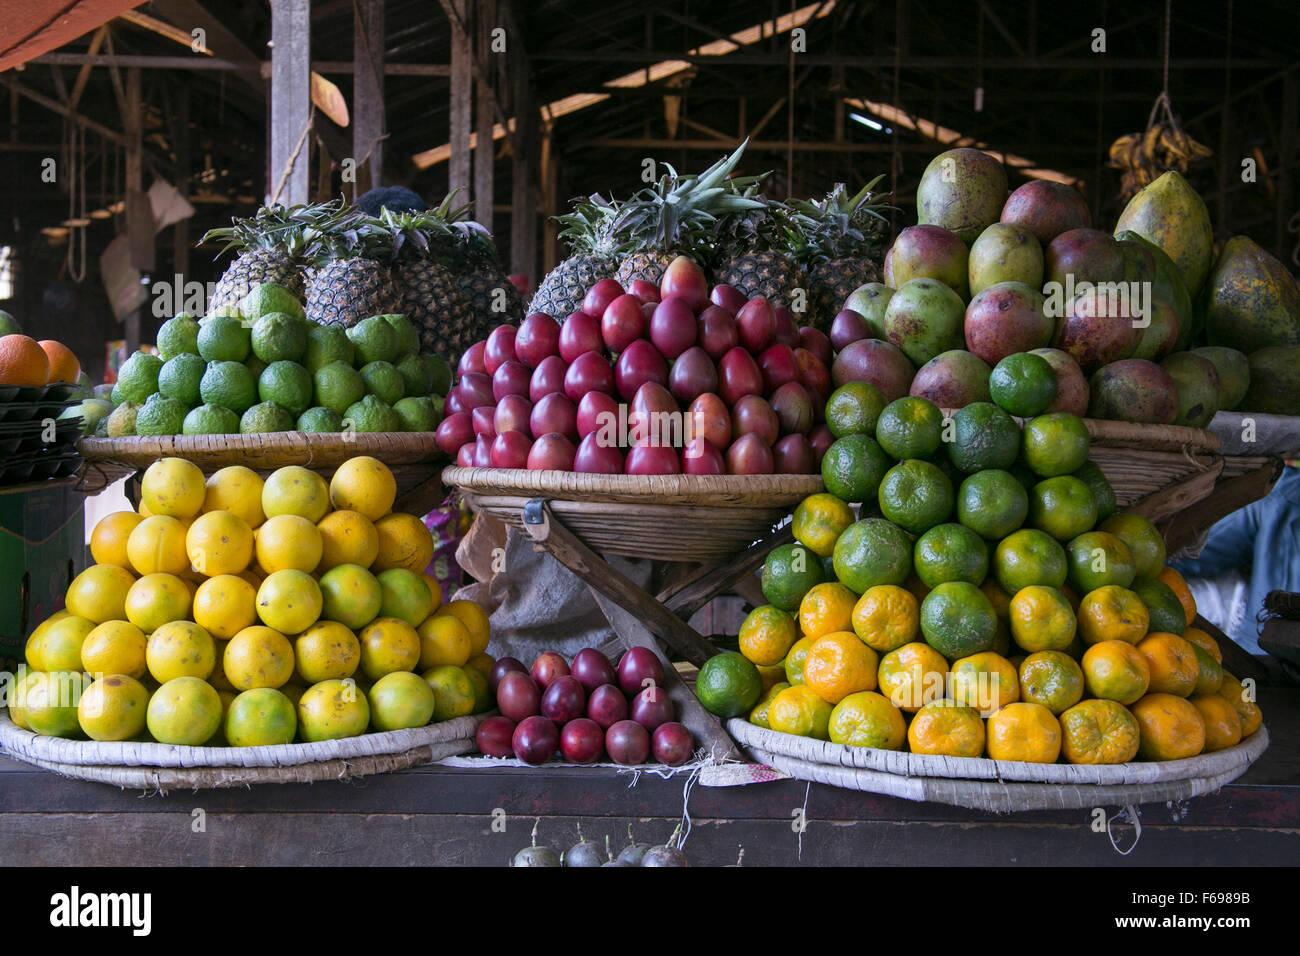 Produce market in Rwanda. Stock Photo